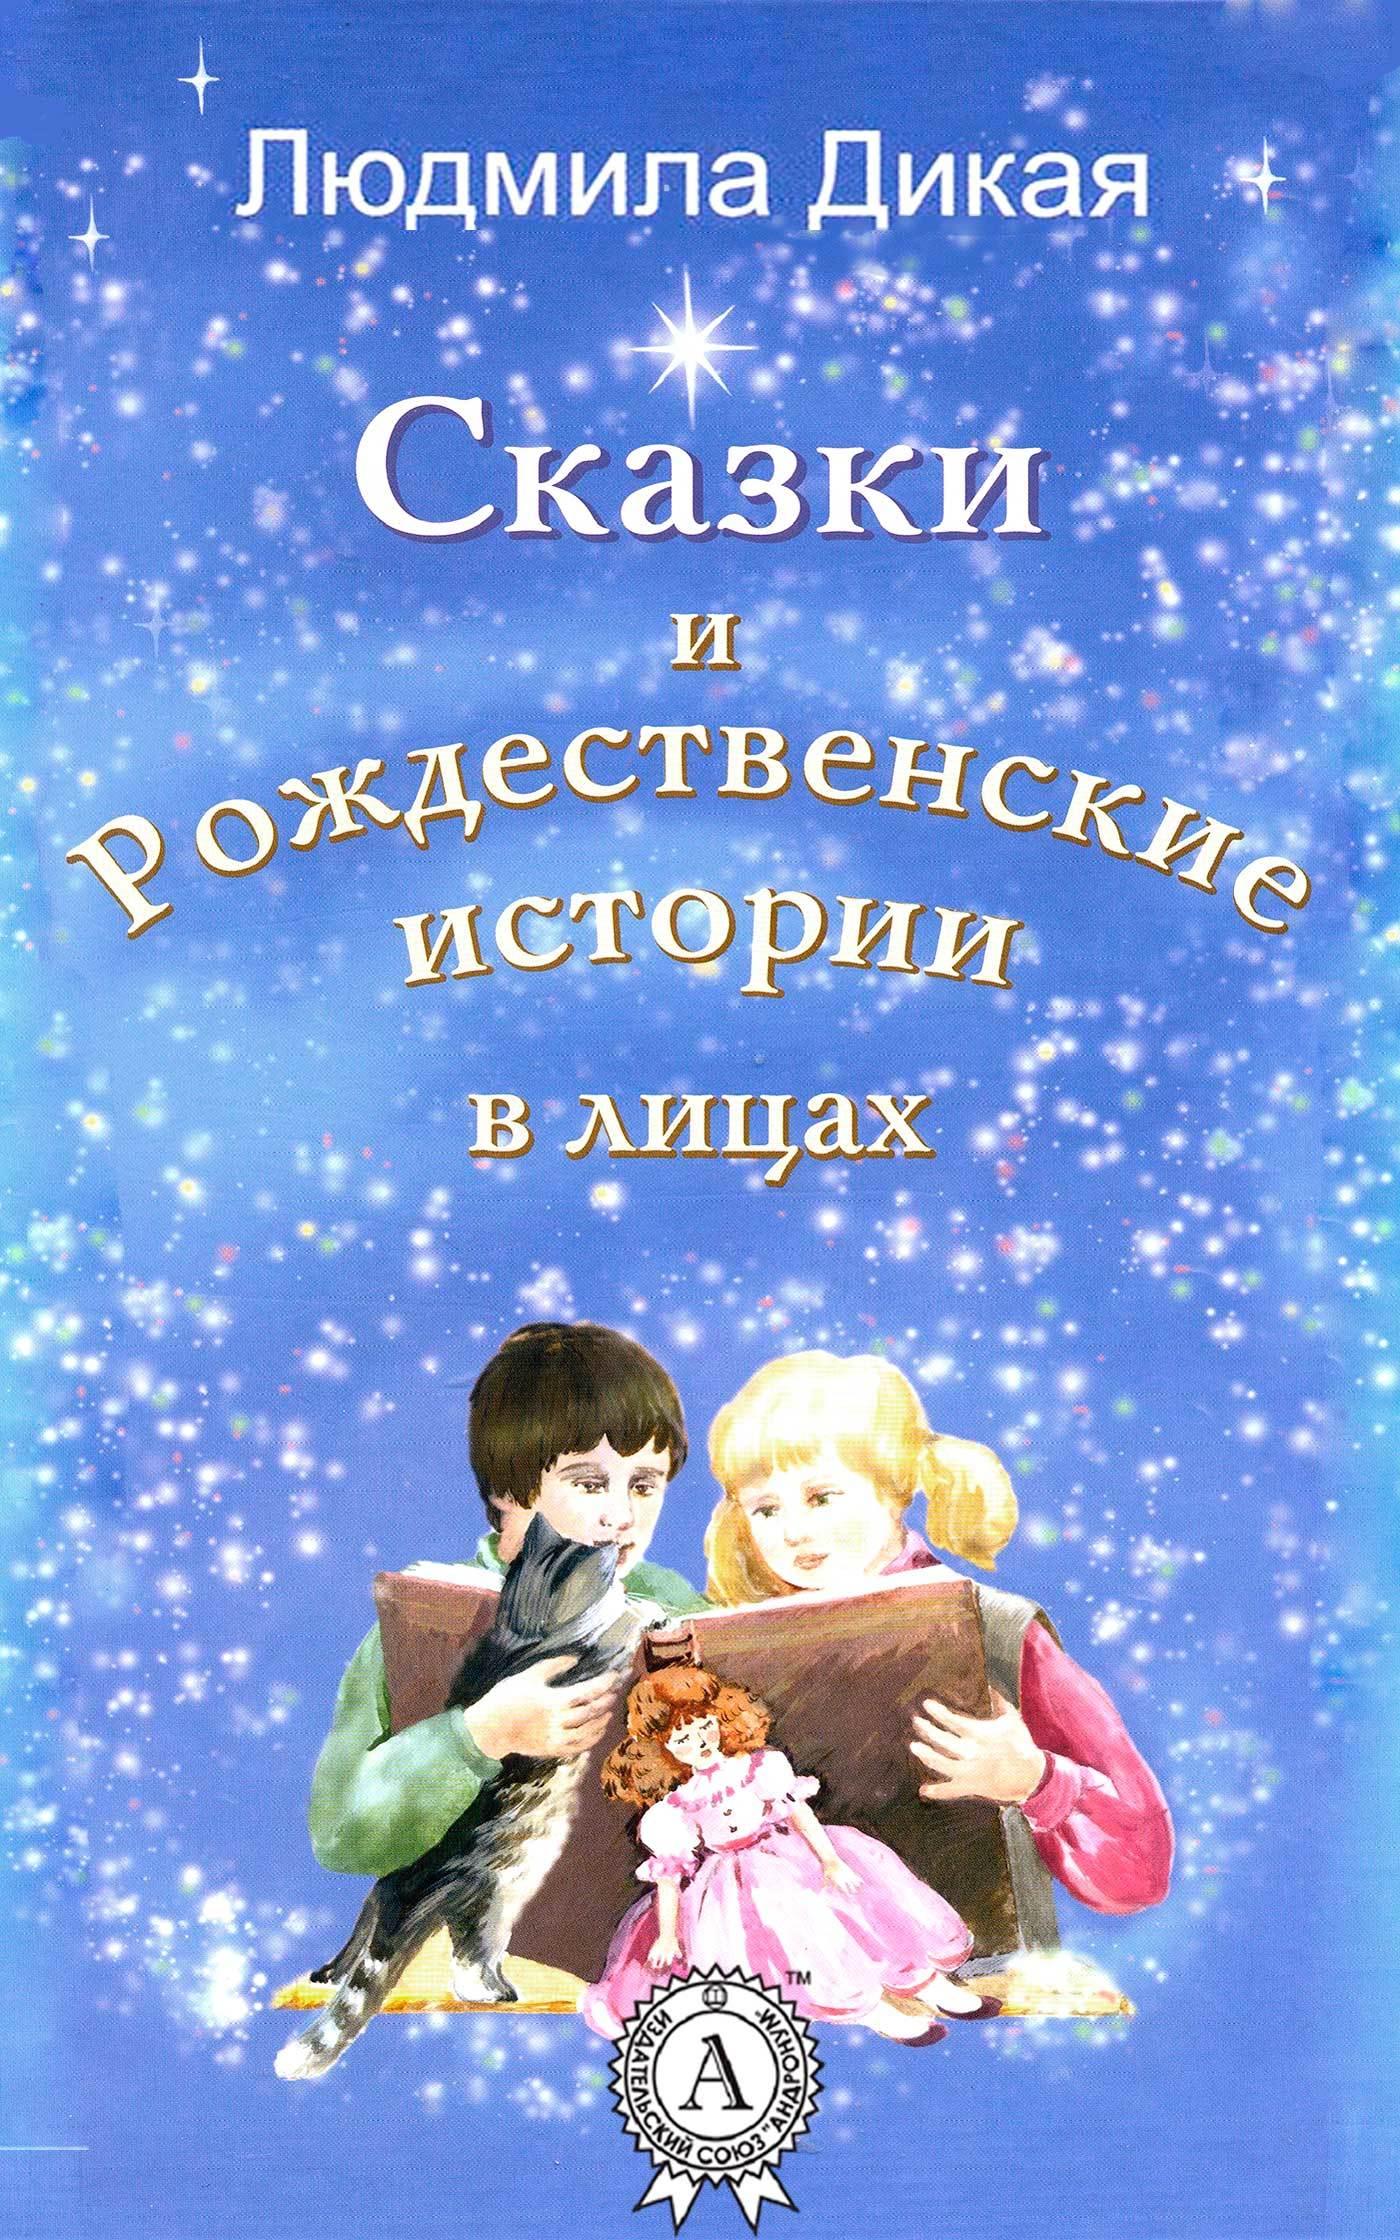 Людмила Дикая - Сказки и Рождественские истории в лицах